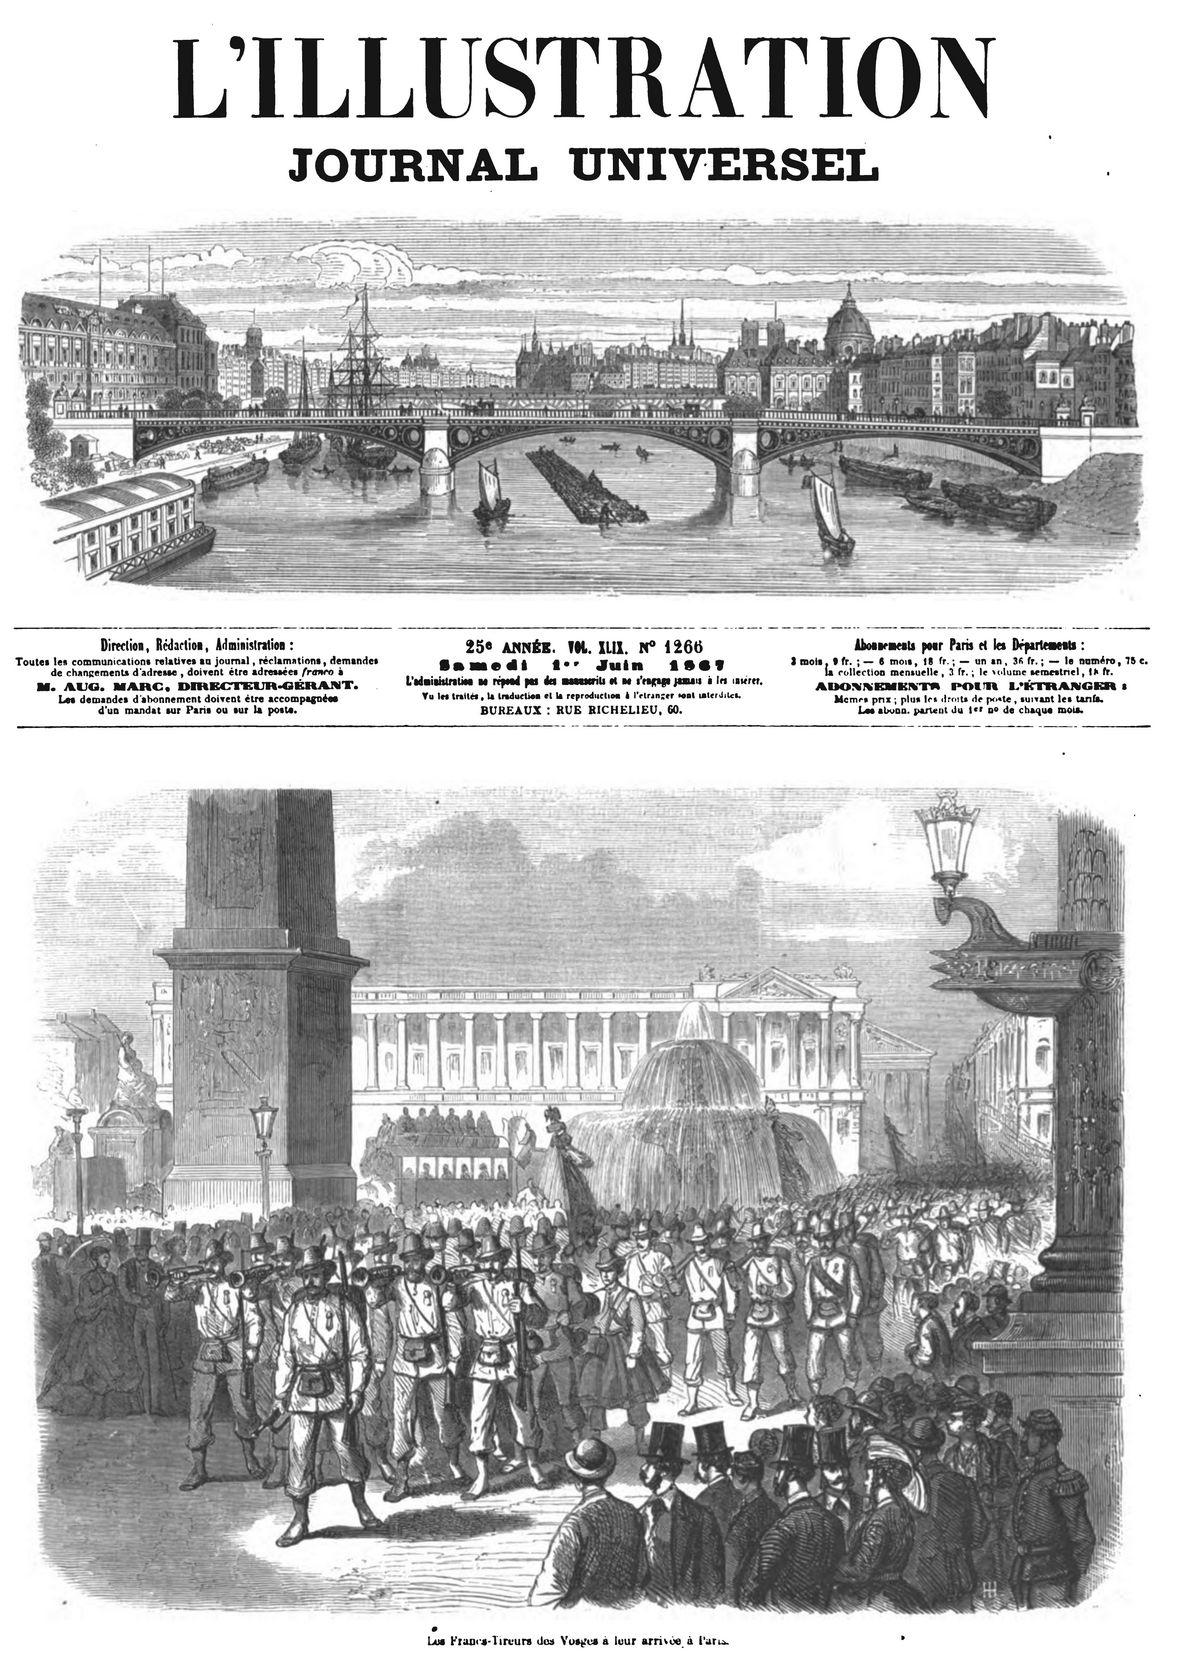 Entrée à Paris des Francs-Tireurs des Vosges. 1867